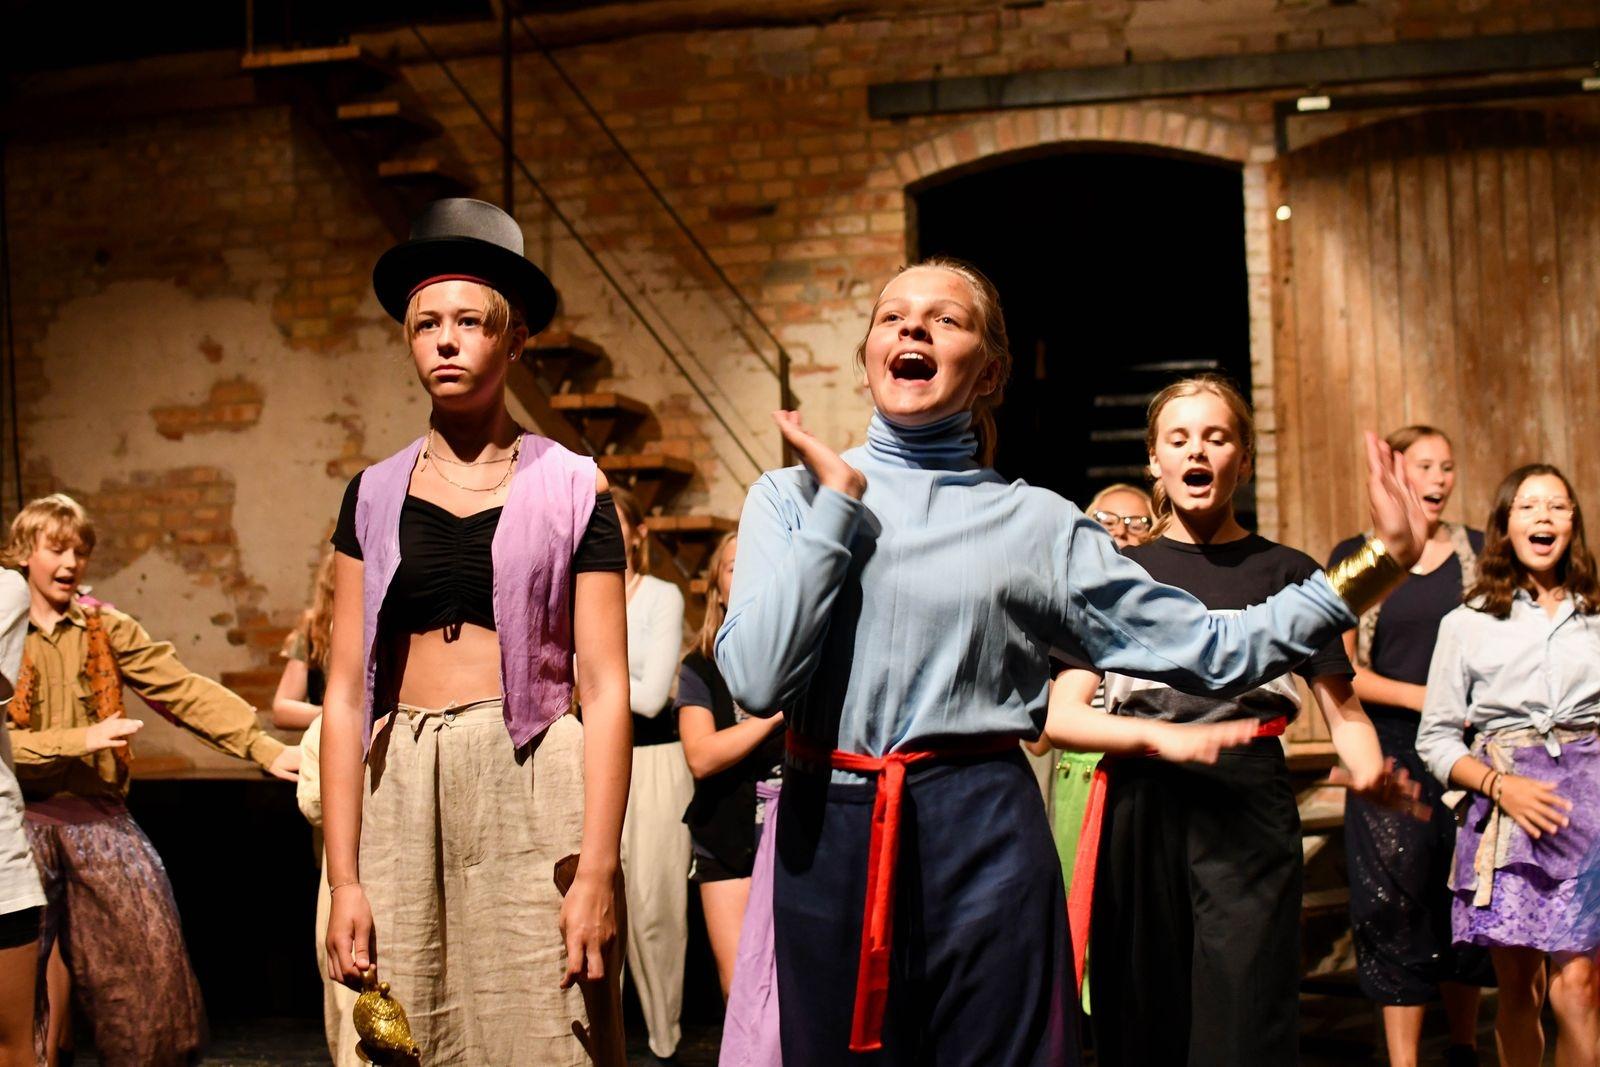 Alla som vill får vara med när Scen Österlen bjuder in barn och ungdomar till en scenupplevelse som blir på riktigt.